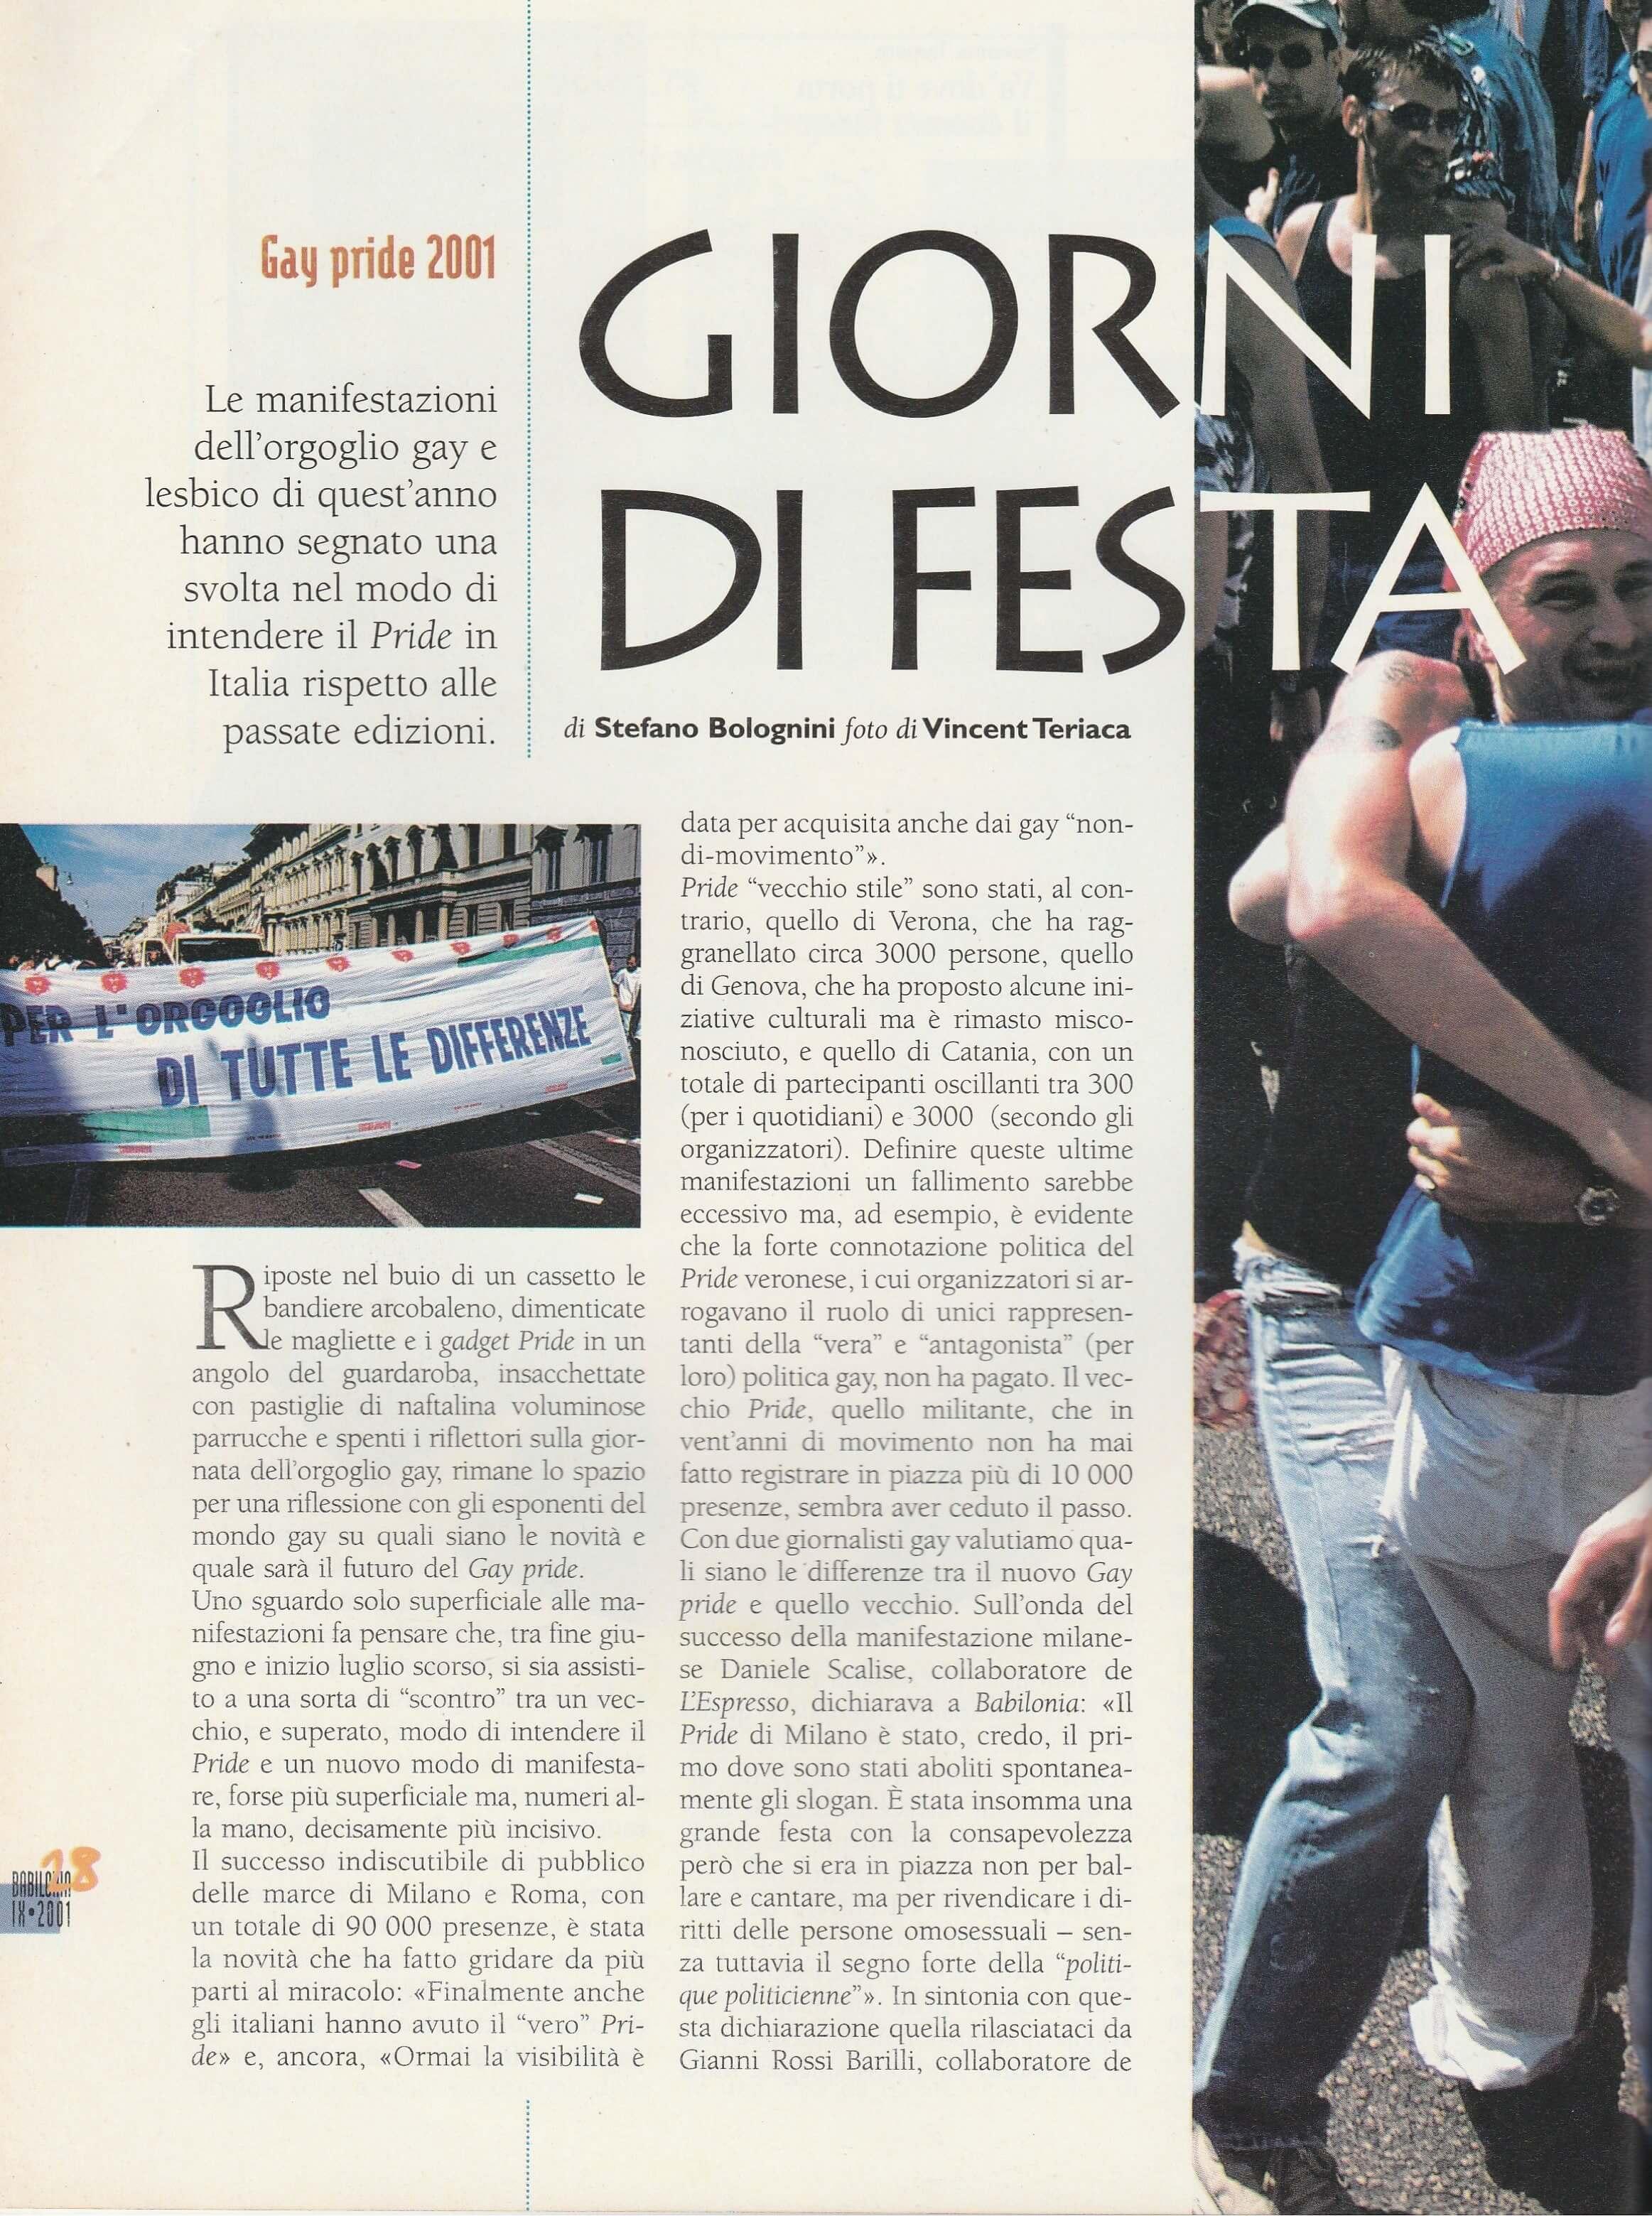 """Un articolo da """"Babilonia"""" del settembre 2001 sulle varie manifestazioni per il Gay Pride svoltesi in diverse città italiane nel giugno dello stesso anno."""